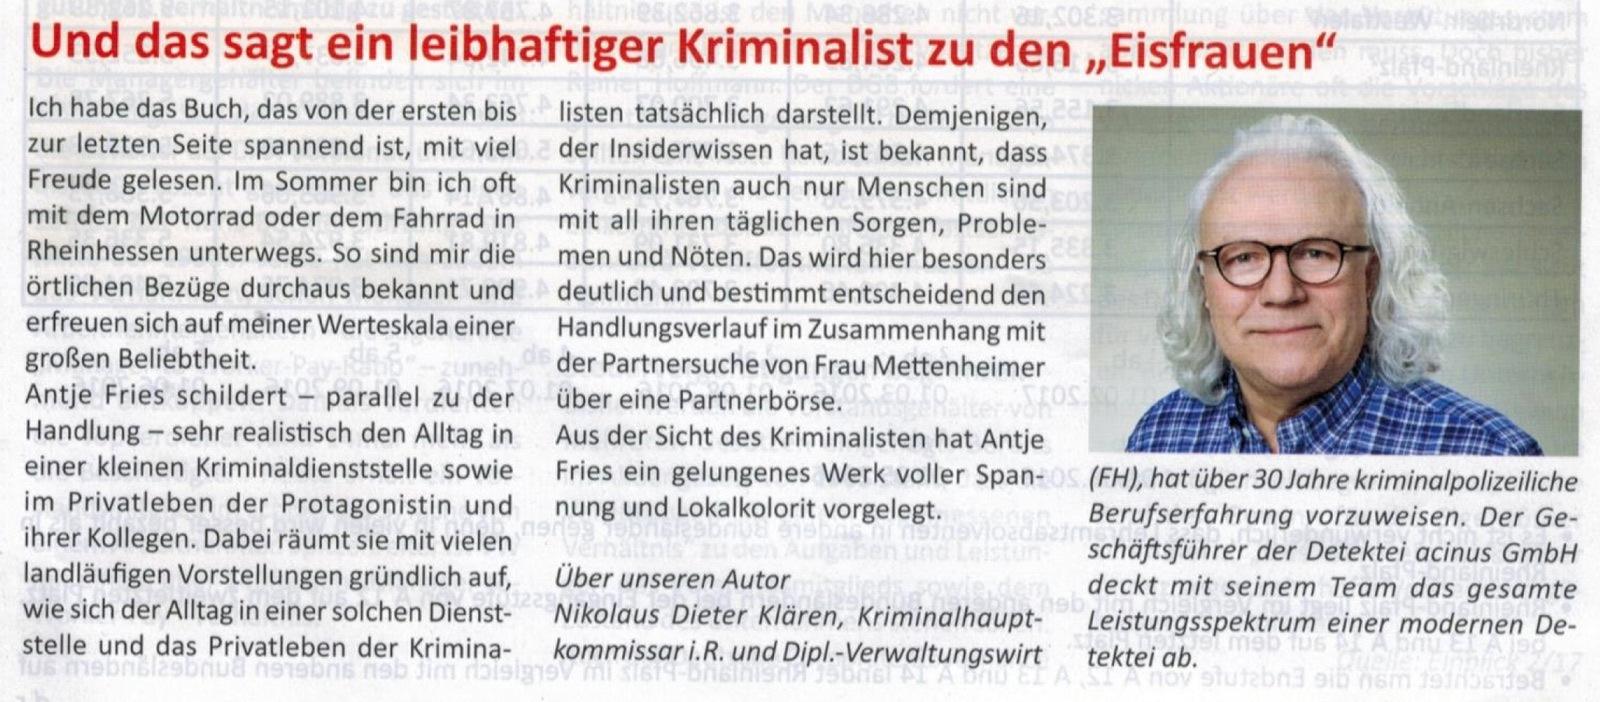 """Kommentar des Geschäftsführers zu dem Krimi """"Grauen mit Eisfrauen"""" von Antje Fries, erschienen beim Leinpfad Verlag"""